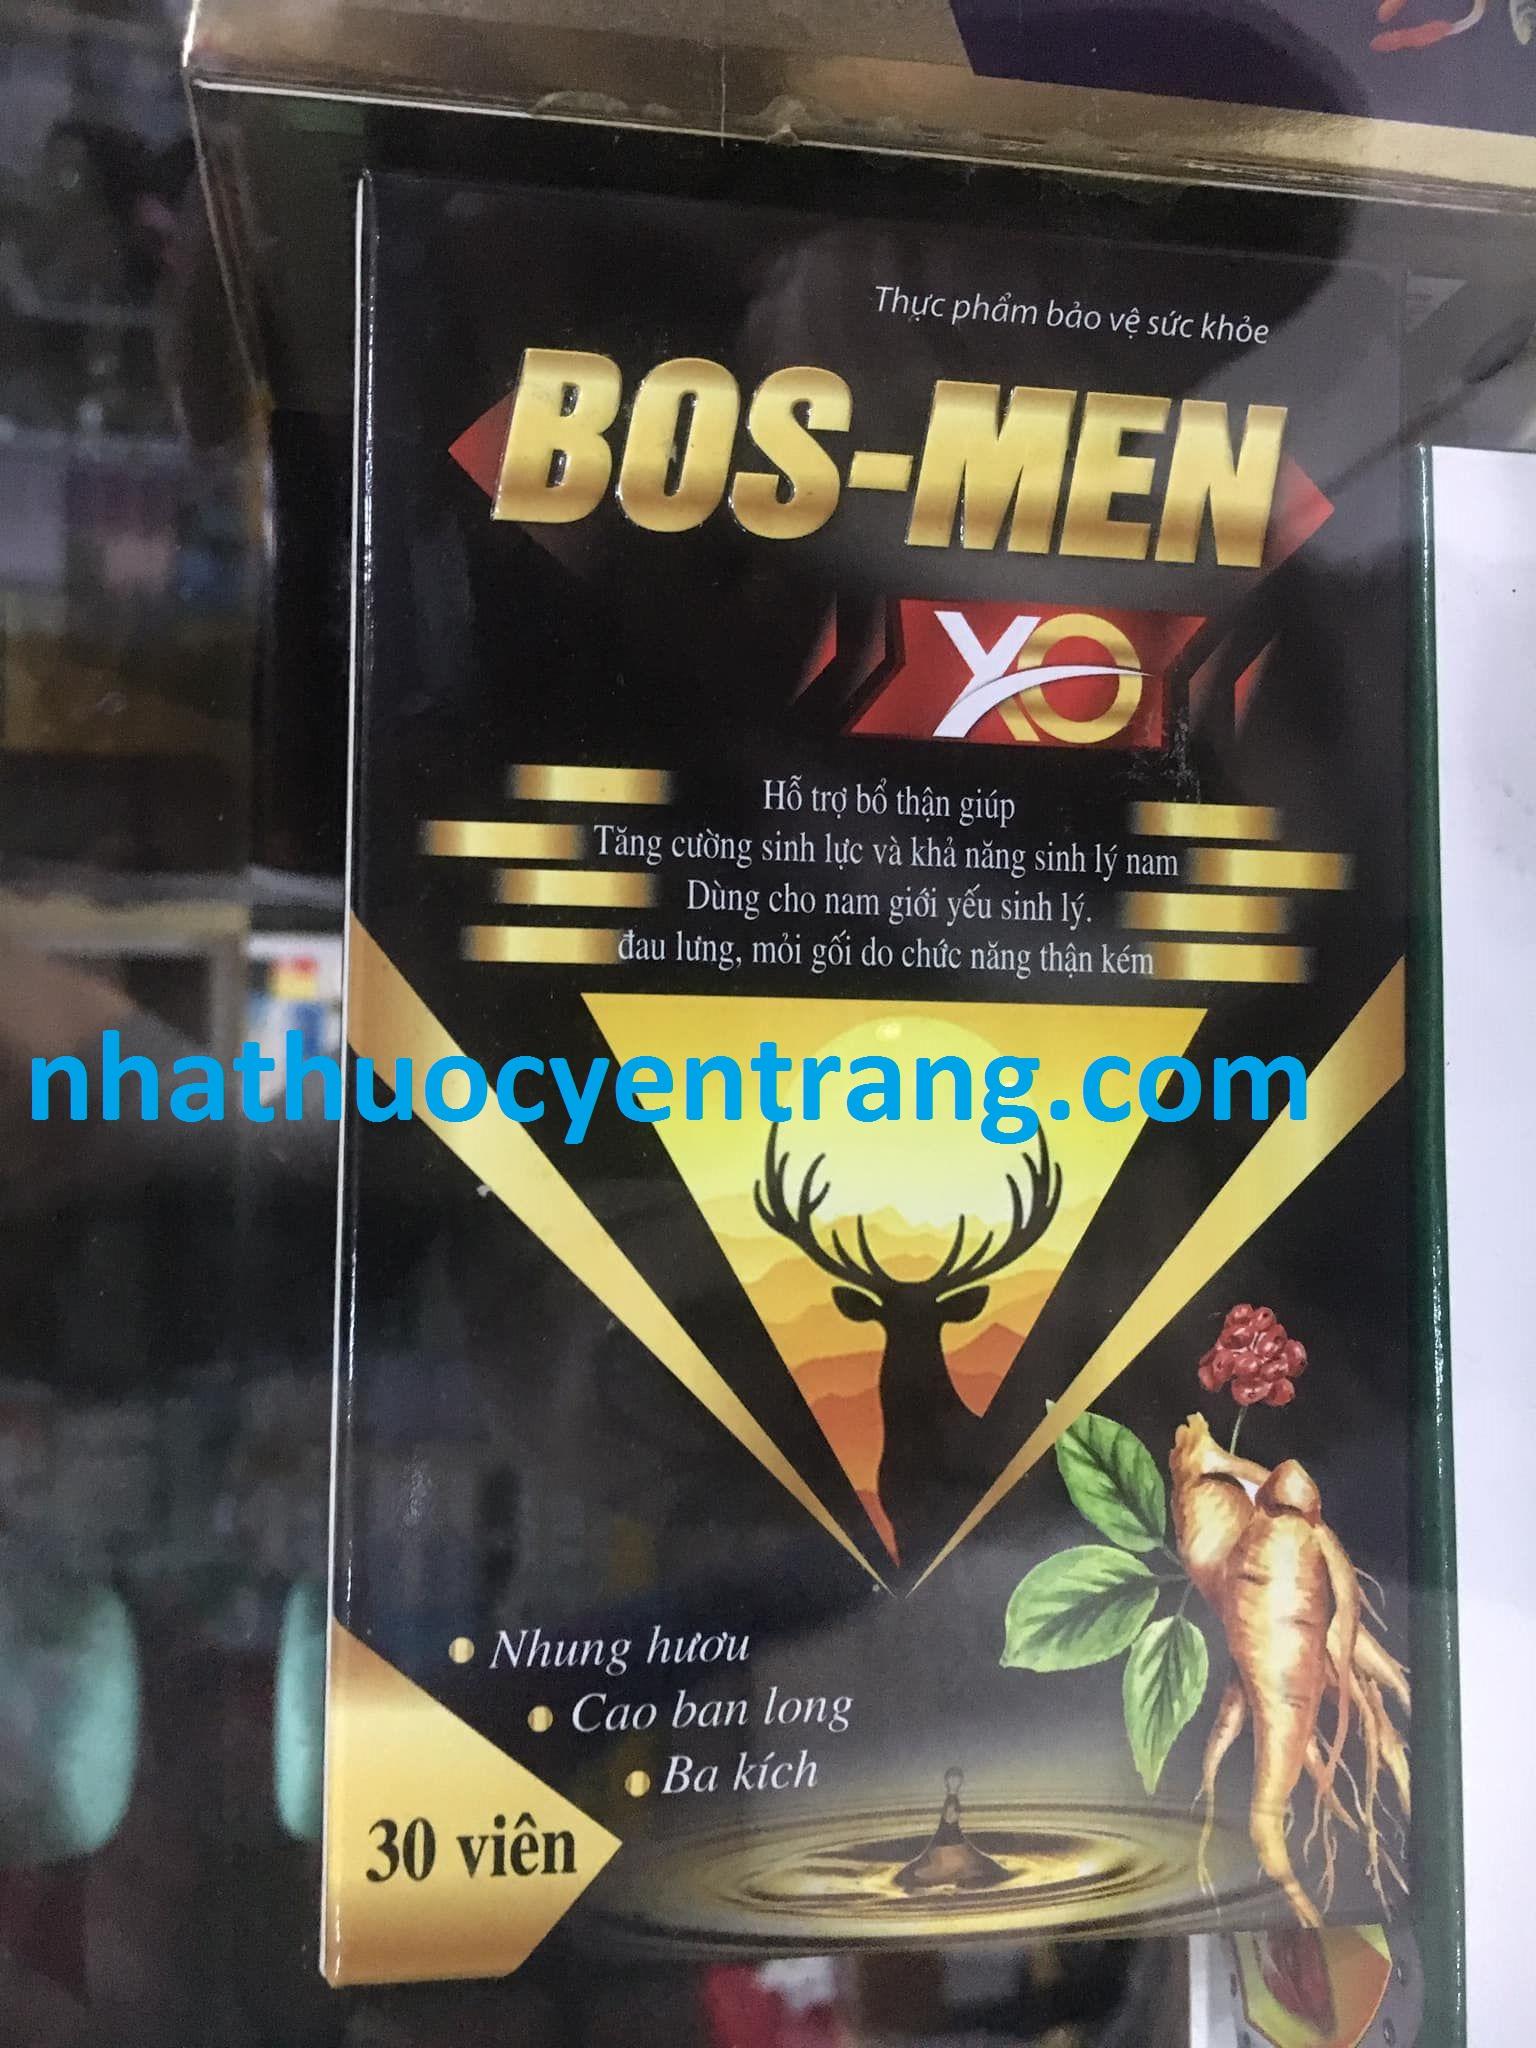 Bos - Men